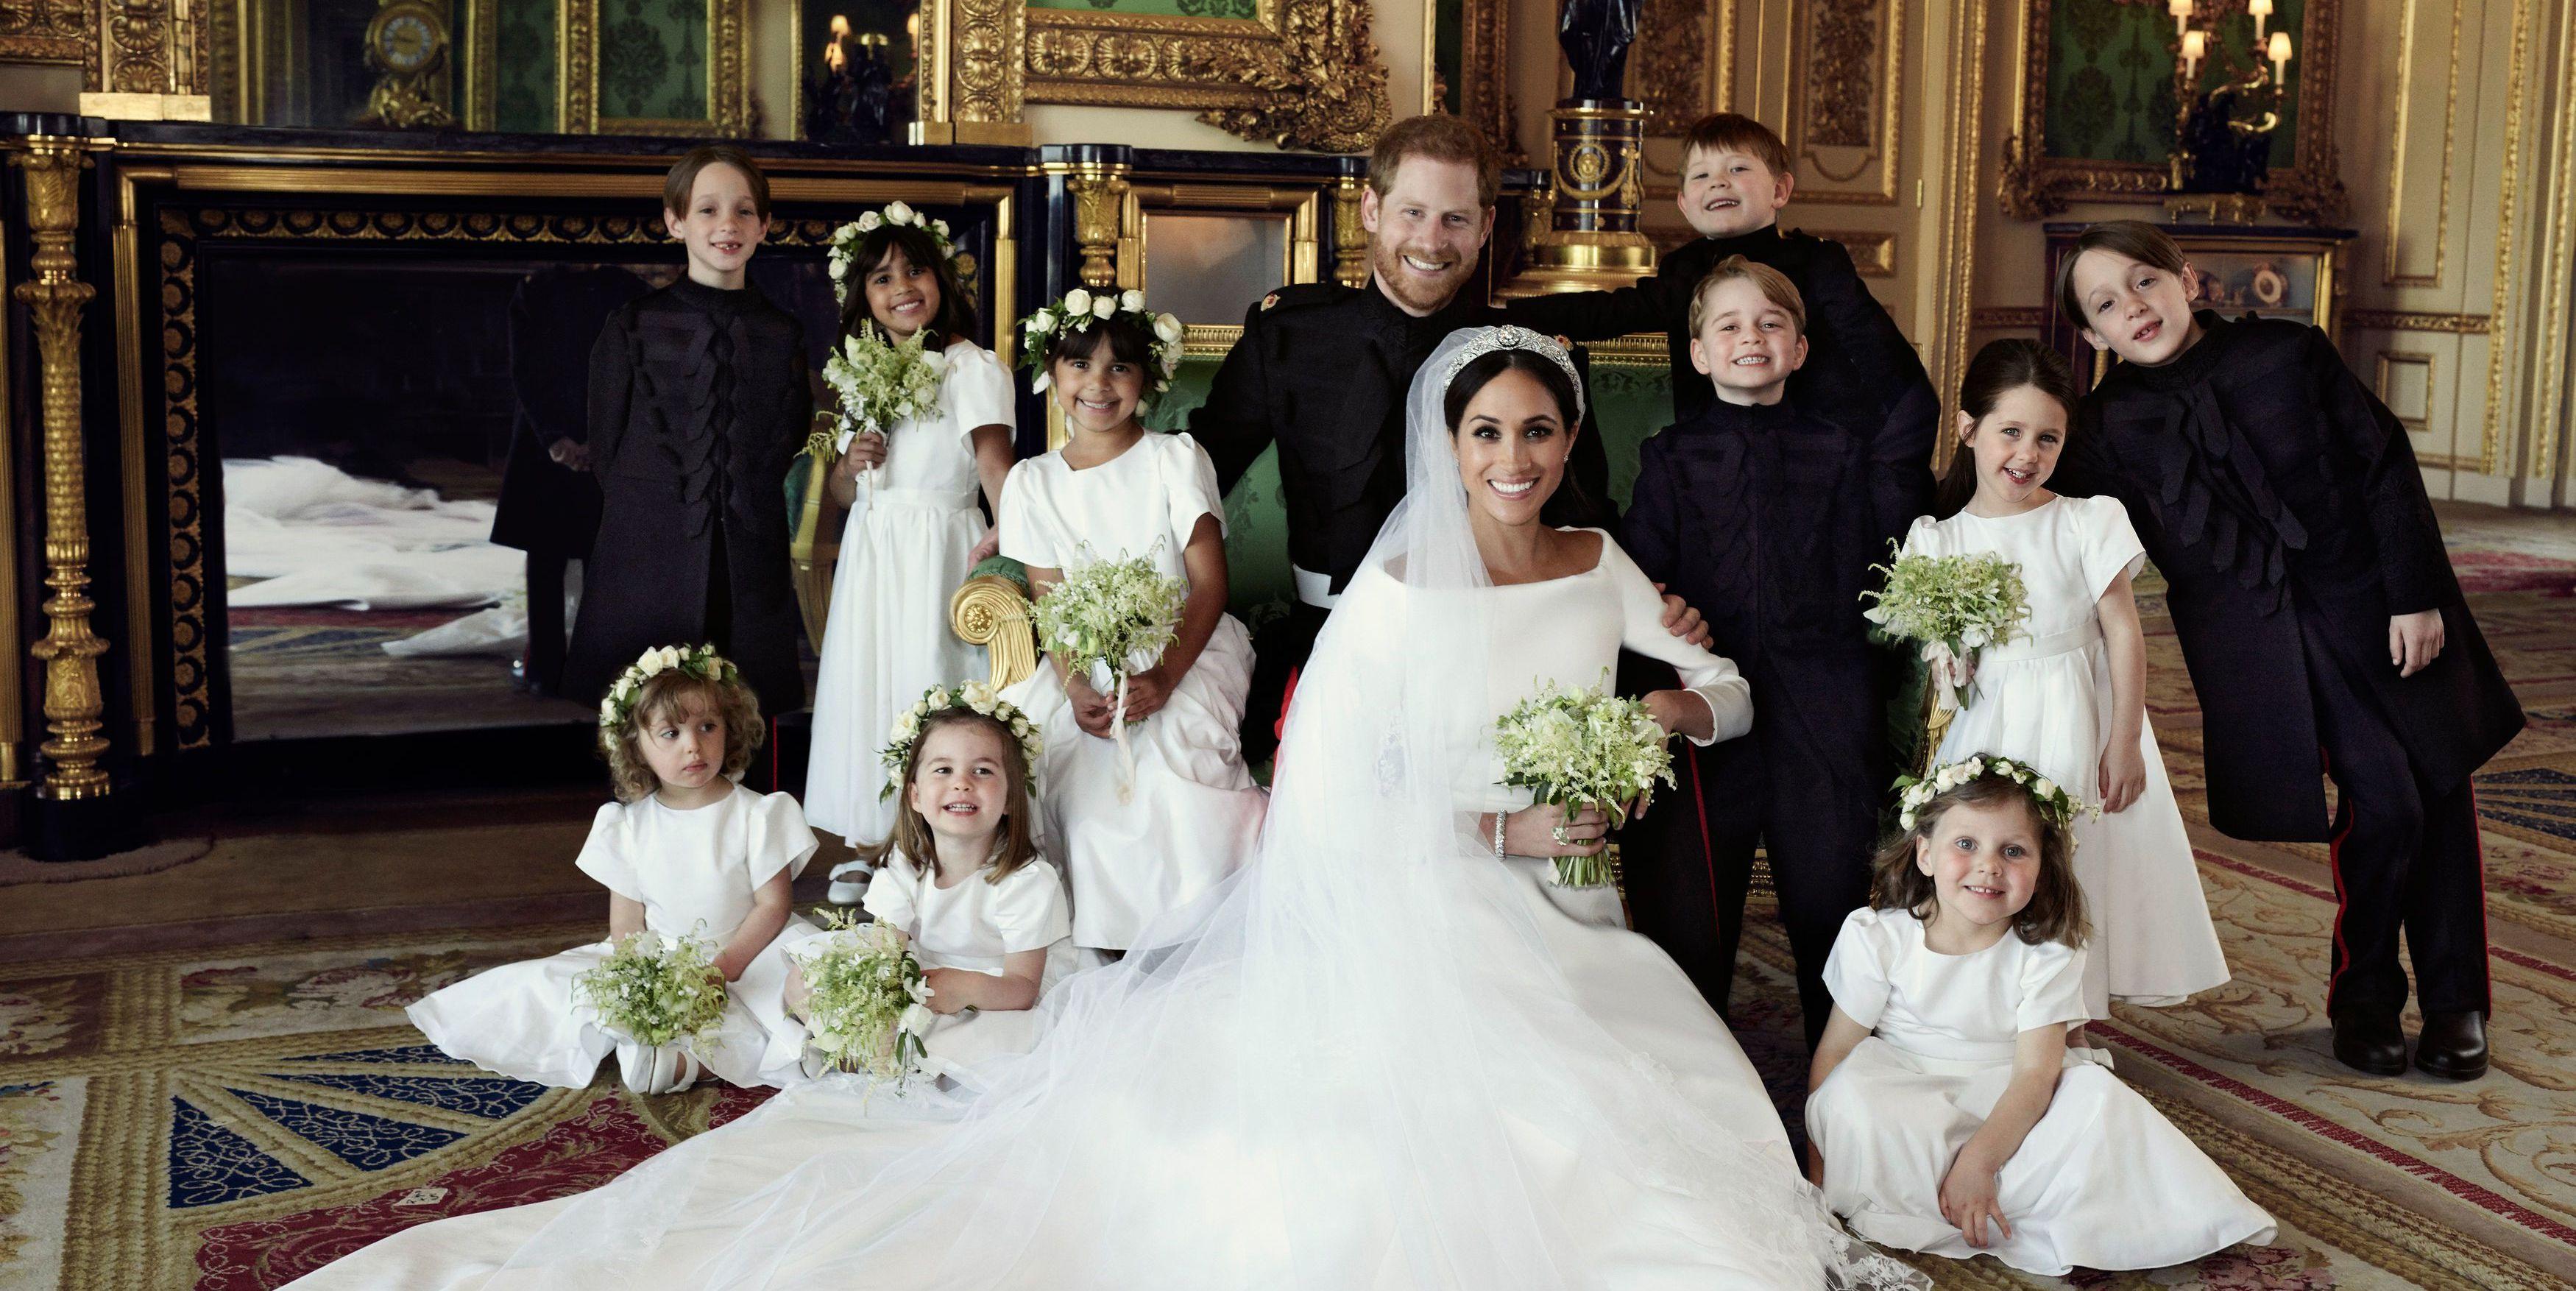 El homenaje más sutil de Meghan y Harry a Lady Di en las fotos oficiales de su boda